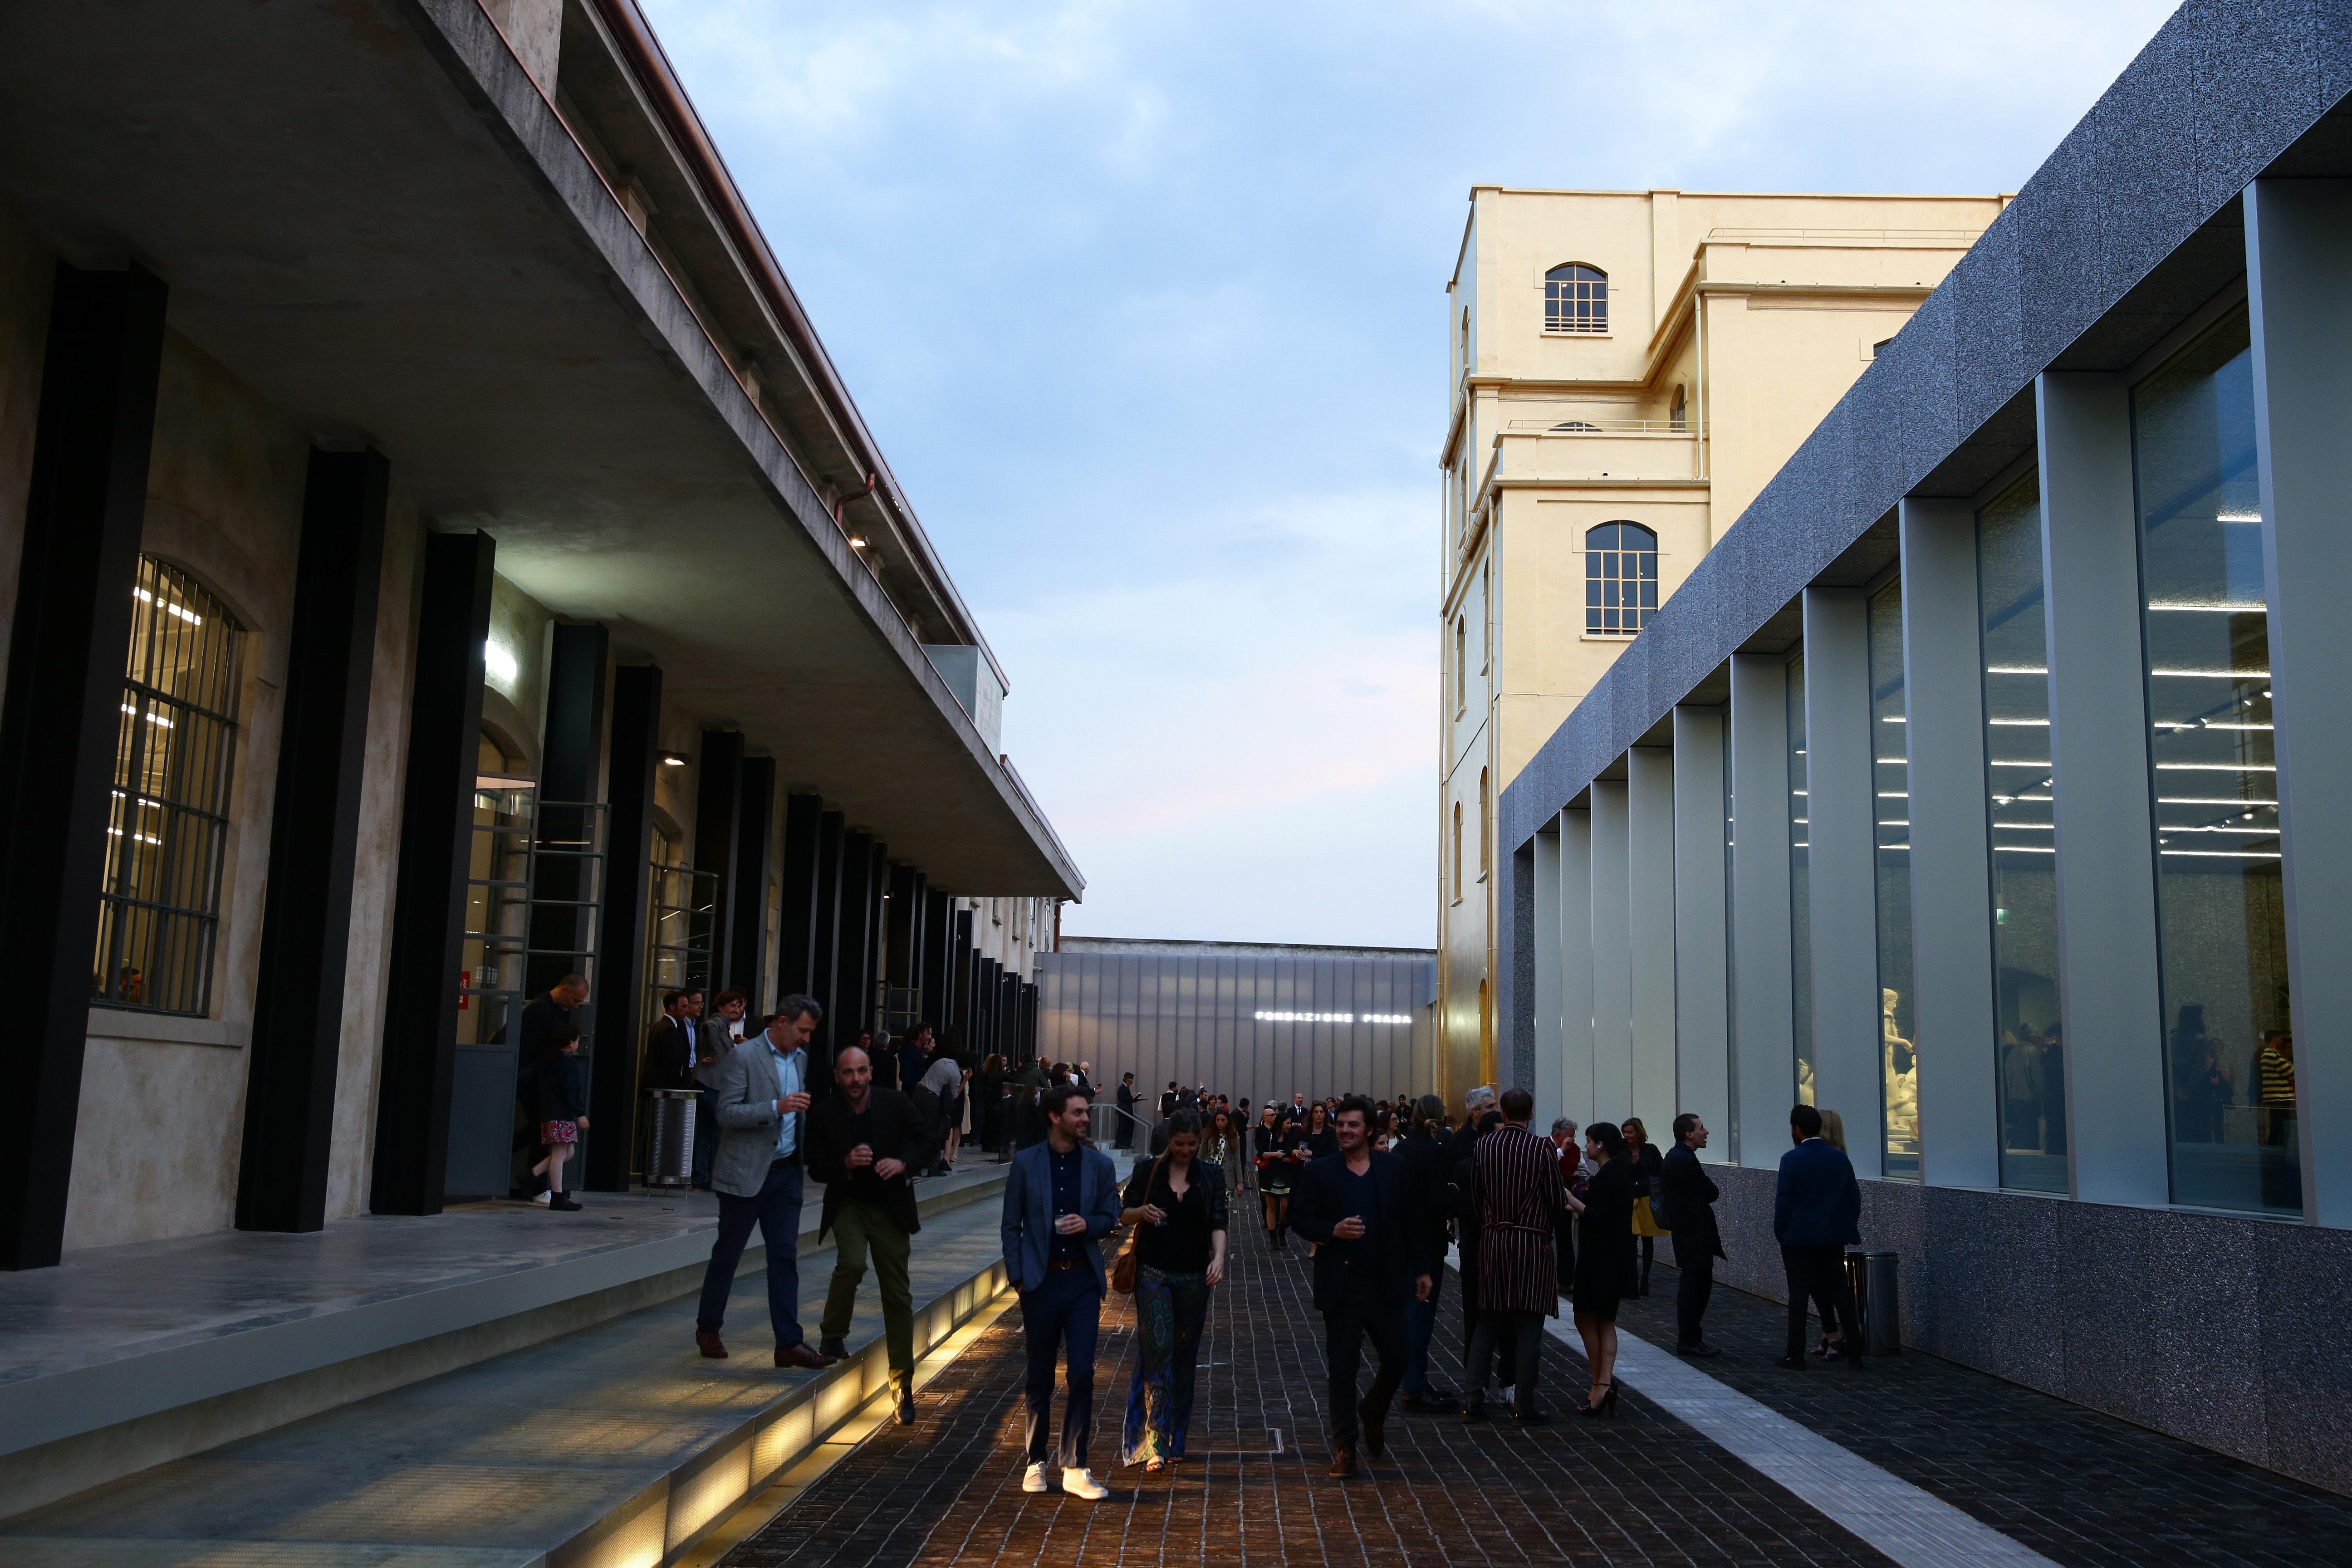 Fondazione prada apertura straordinaria e gratuita for Largo isarco 2 milano